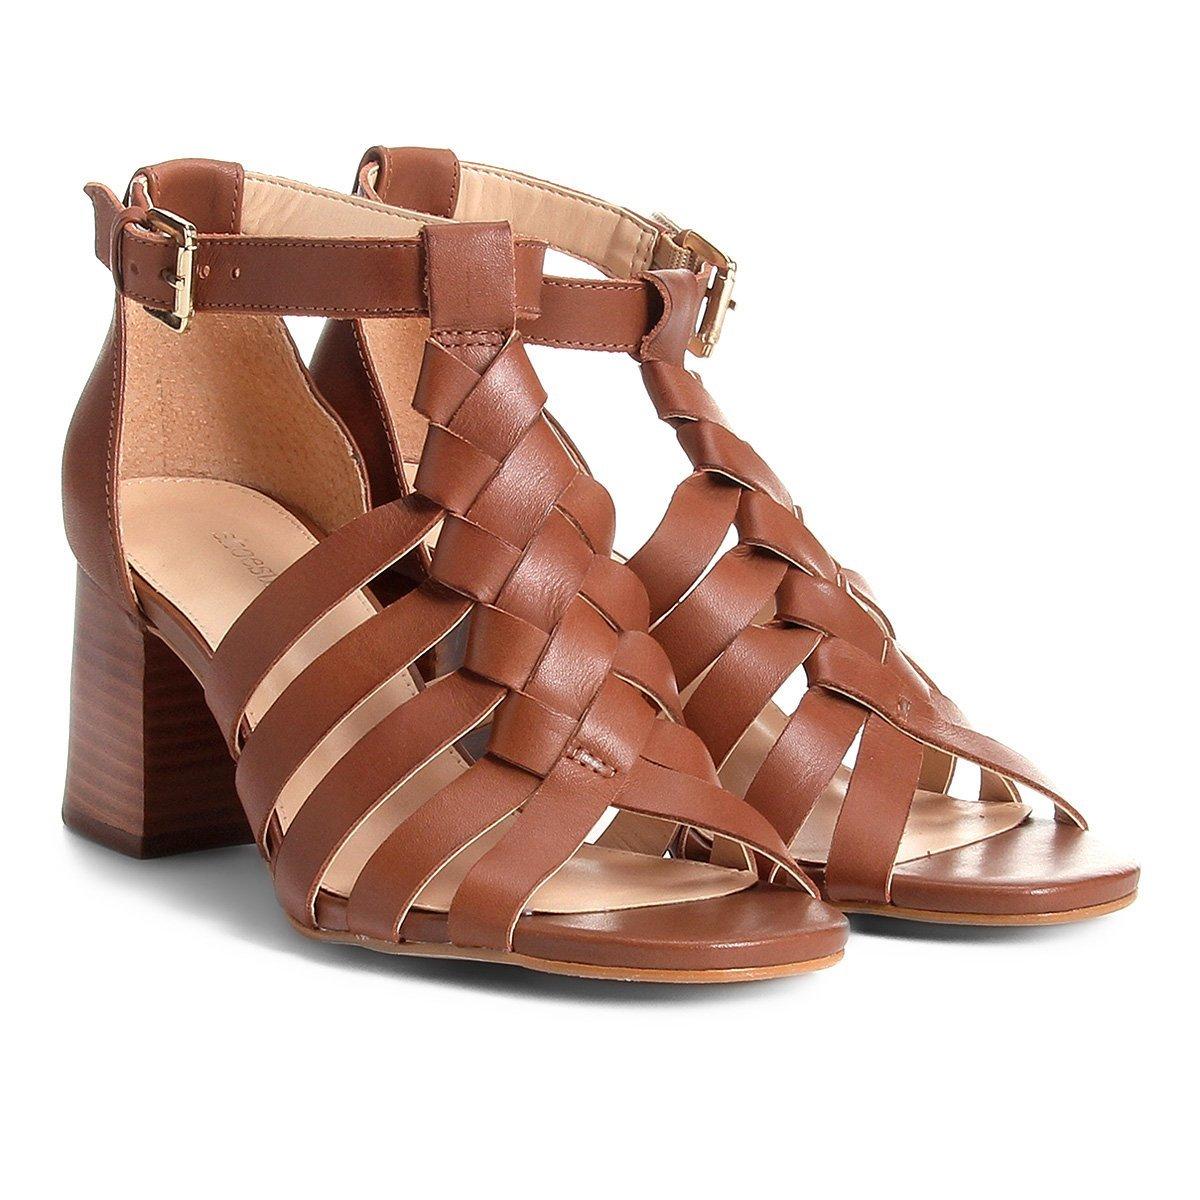 Grosso Salto Shoestock Caramelo Couro Sandália Feminina Couro Sandália Shoestock Trança Salto U0Zwqf